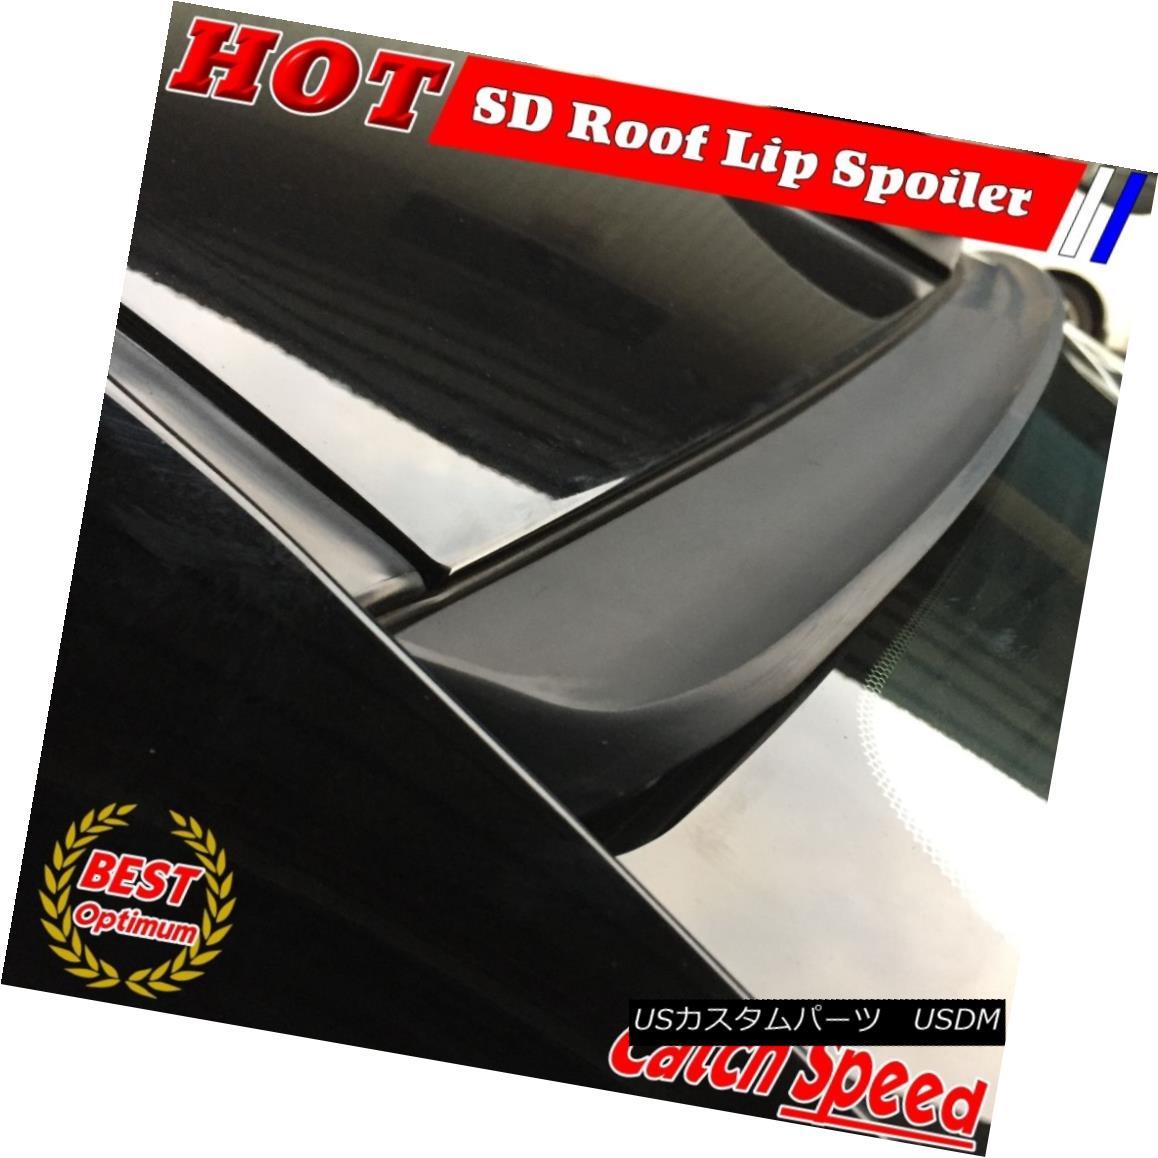 エアロパーツ Painted SD Style Rear Window Roof Spoiler For Chevrolet Cavalier 1995~2005 Coupe シボレーキャバリアのためのペイントされたSDスタイルのリアウィンドウルーフスポイラー1995?2005クーペ